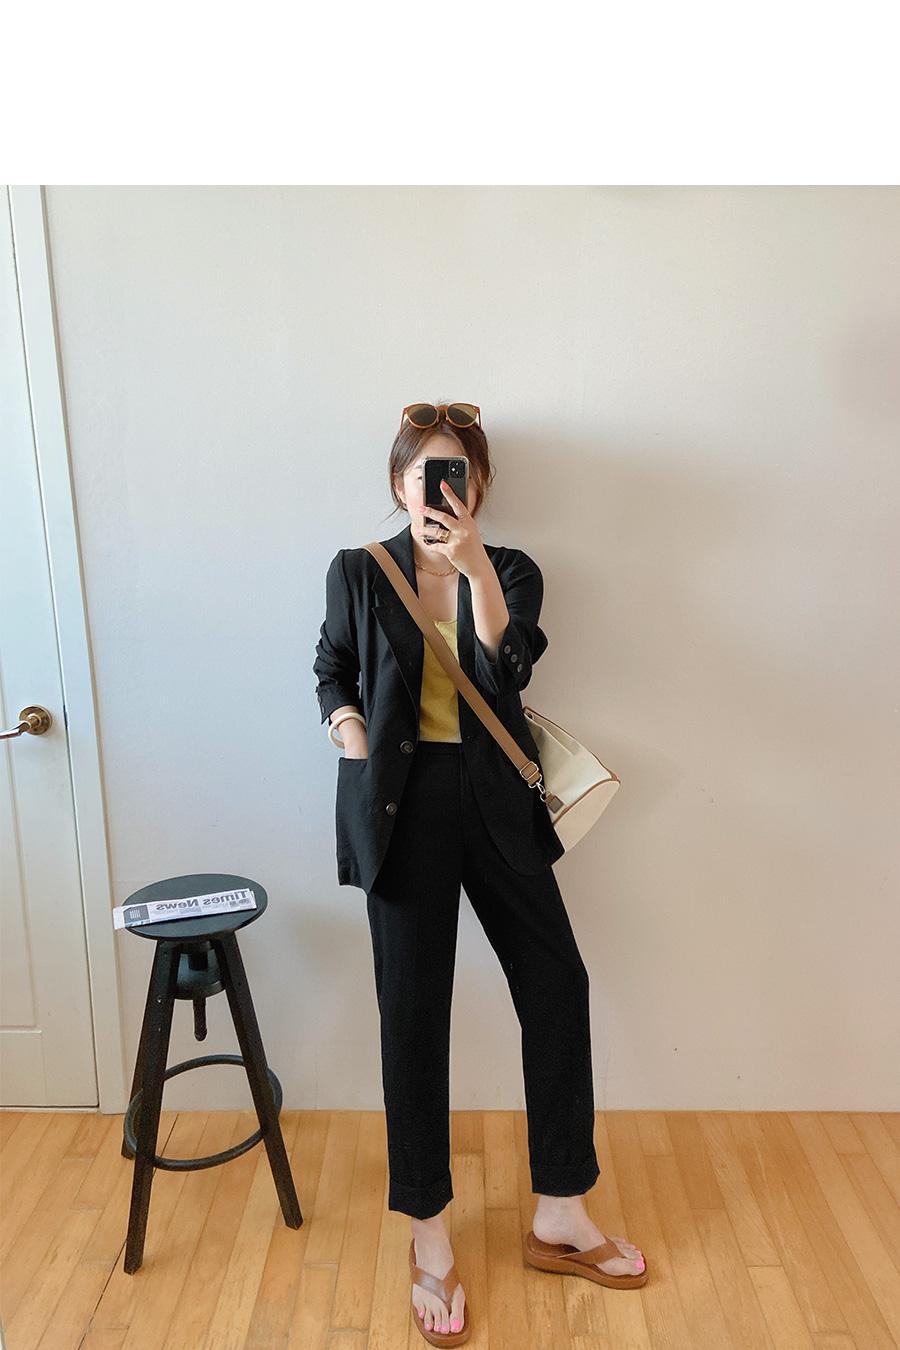 韩国nylon pink_后开衩摆袋盖宽松西装夹克 - romistory♥ 韩国大码女装官网..演绎 ...